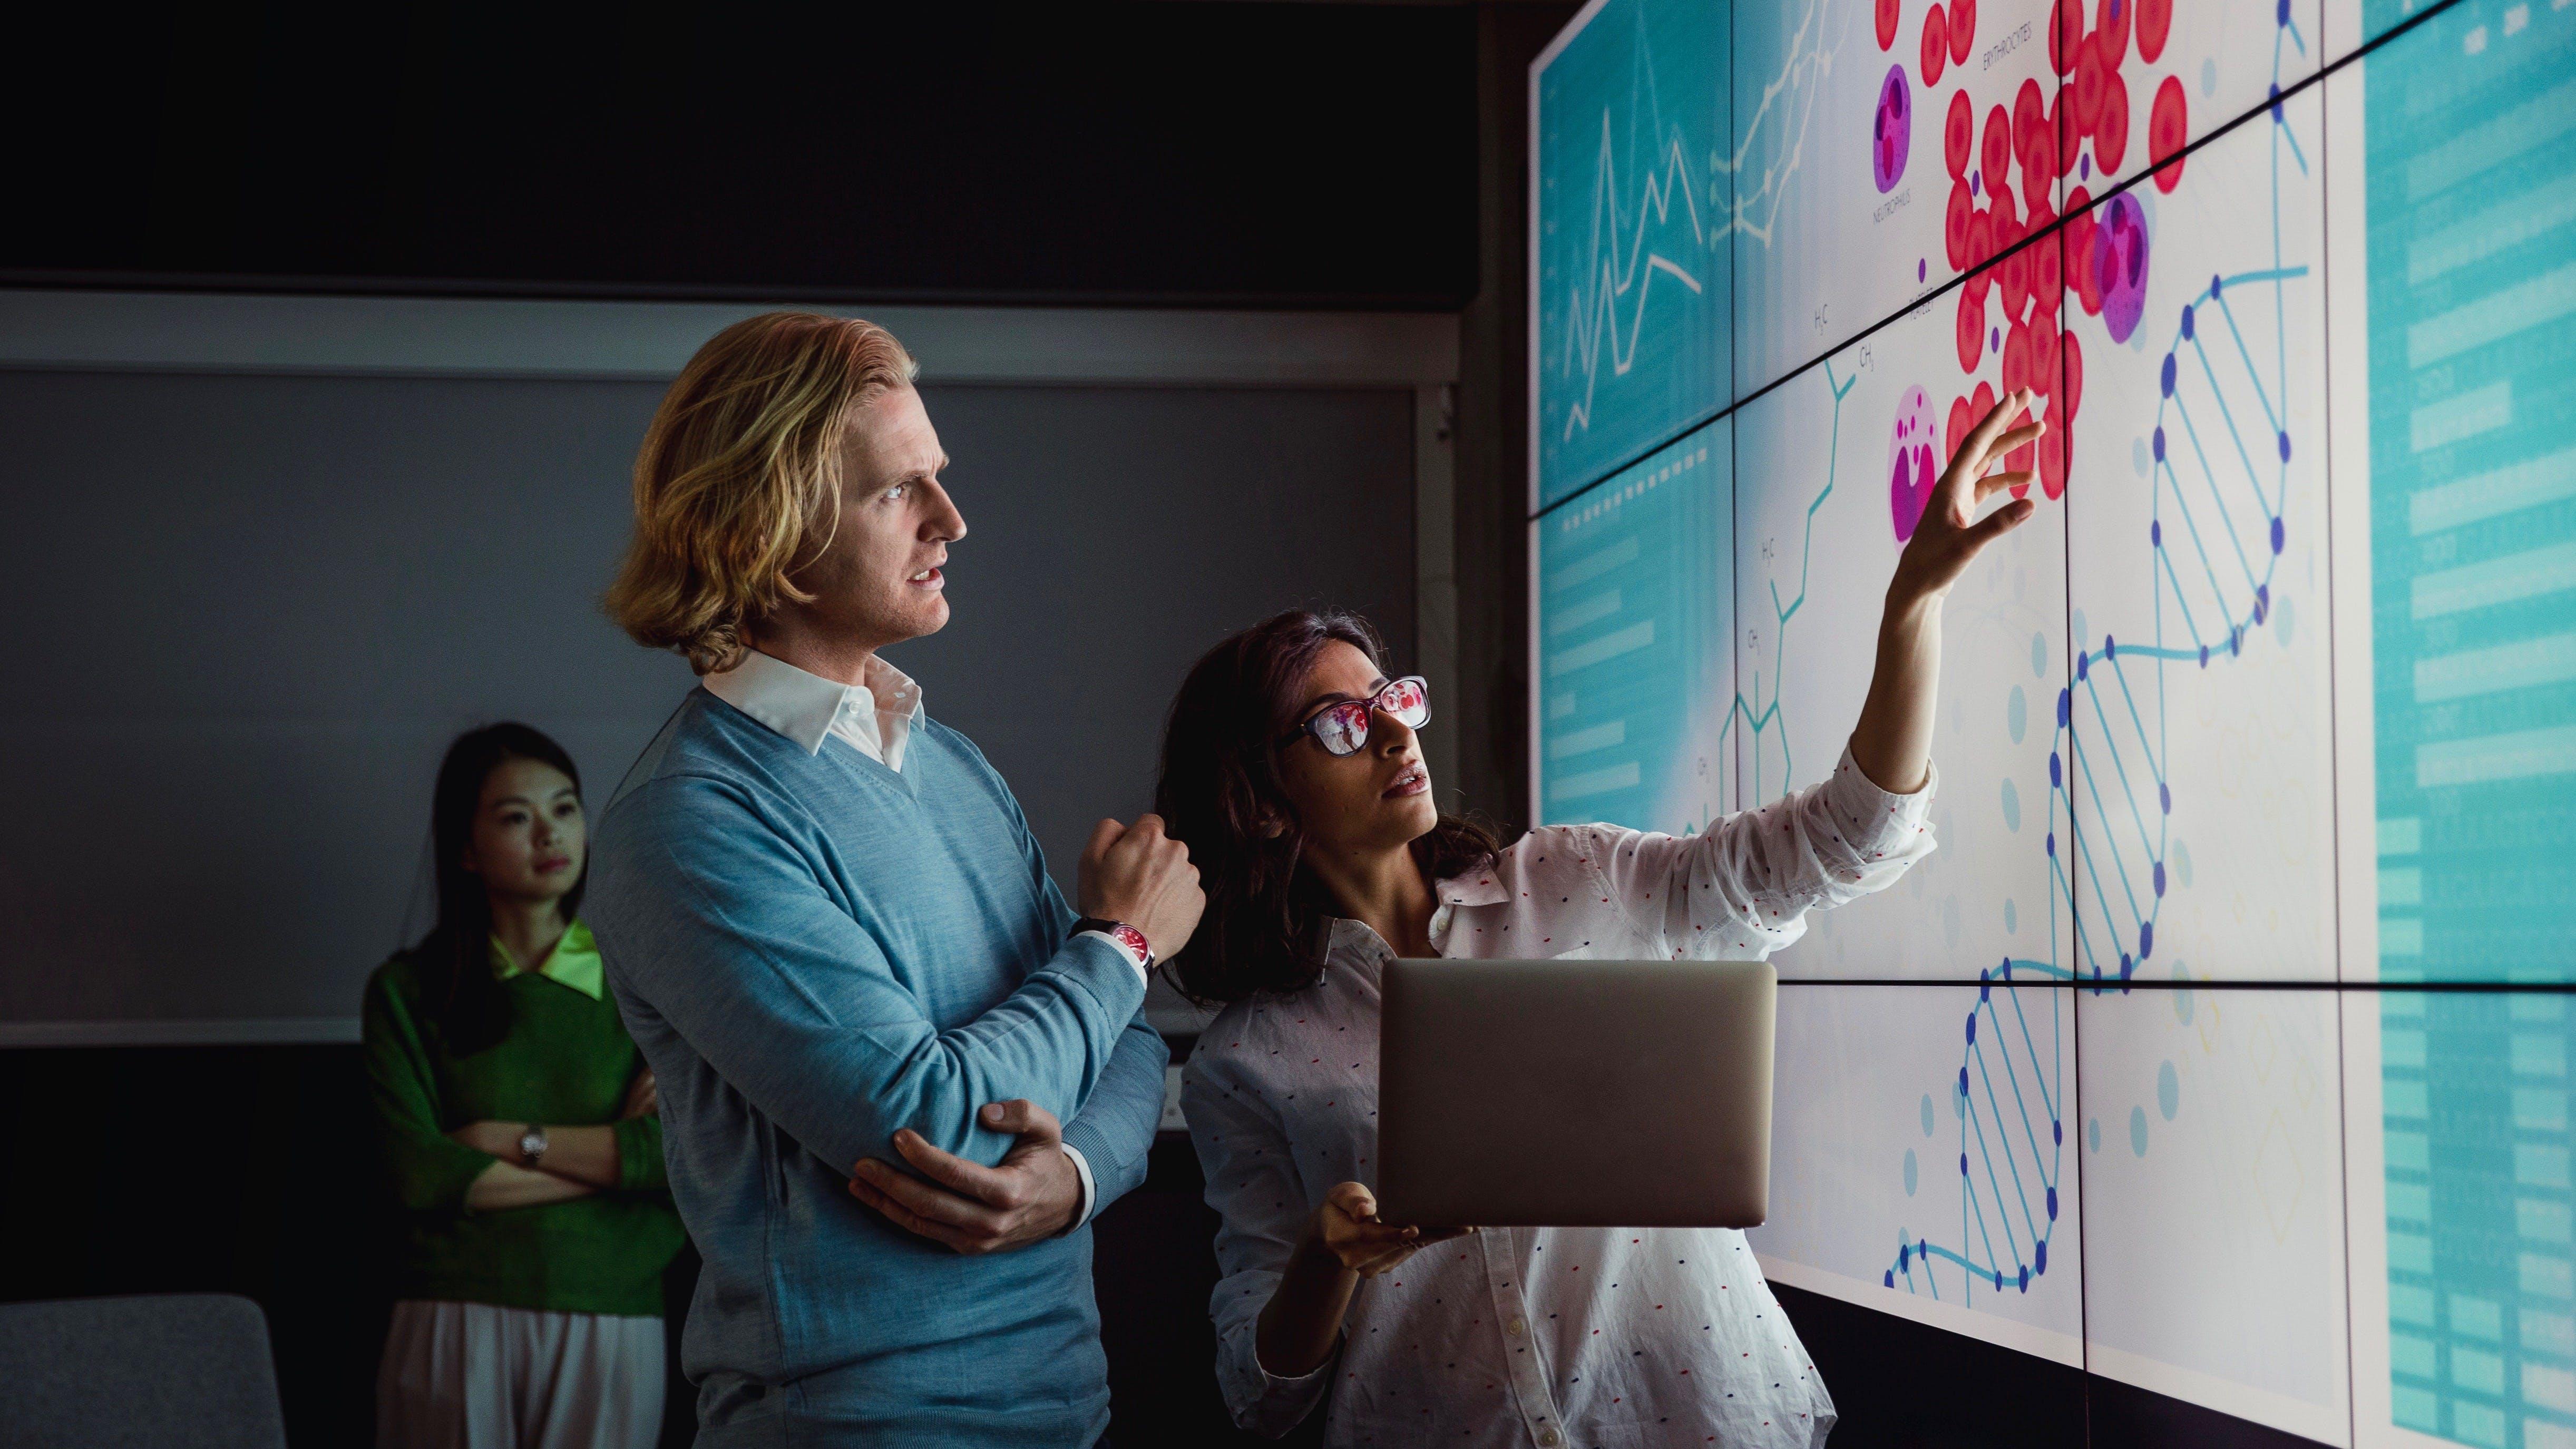 Analizando datos en una pantalla grande